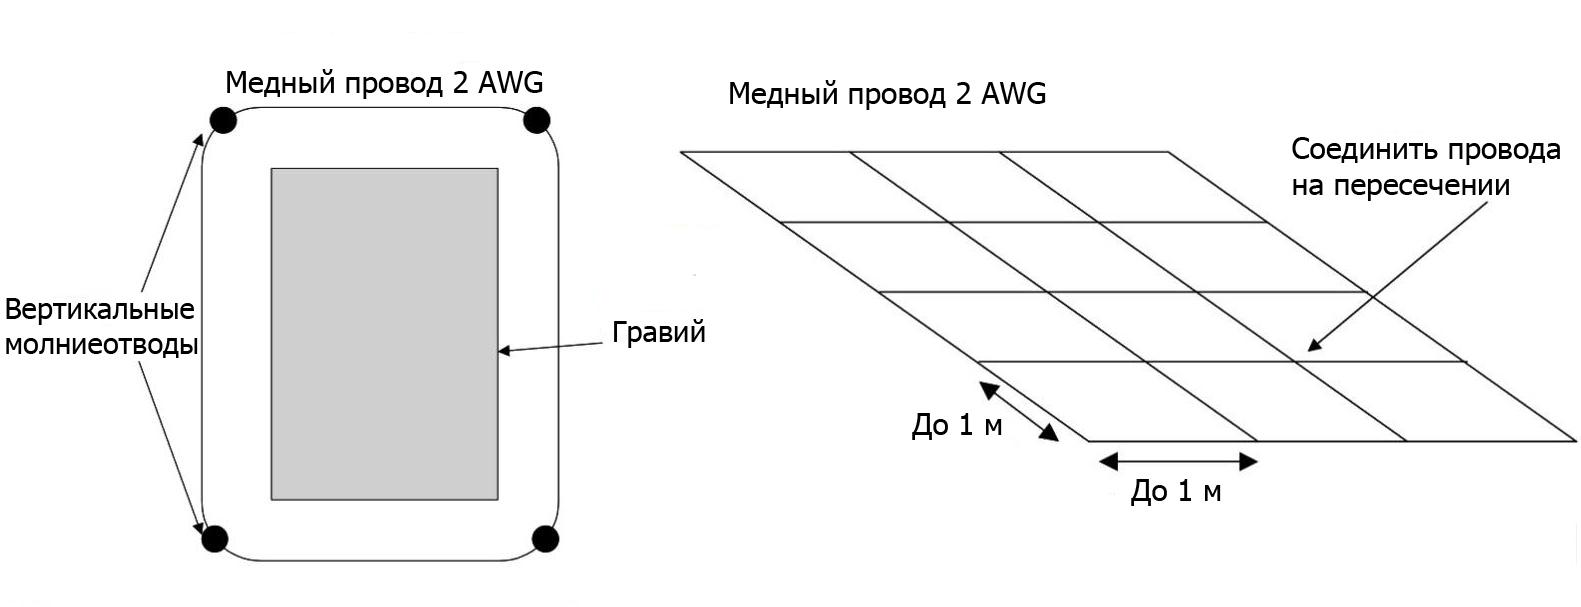 Схемы конструкции и расположения молниезащиты с элементами (сеткой), рассеивающими ток